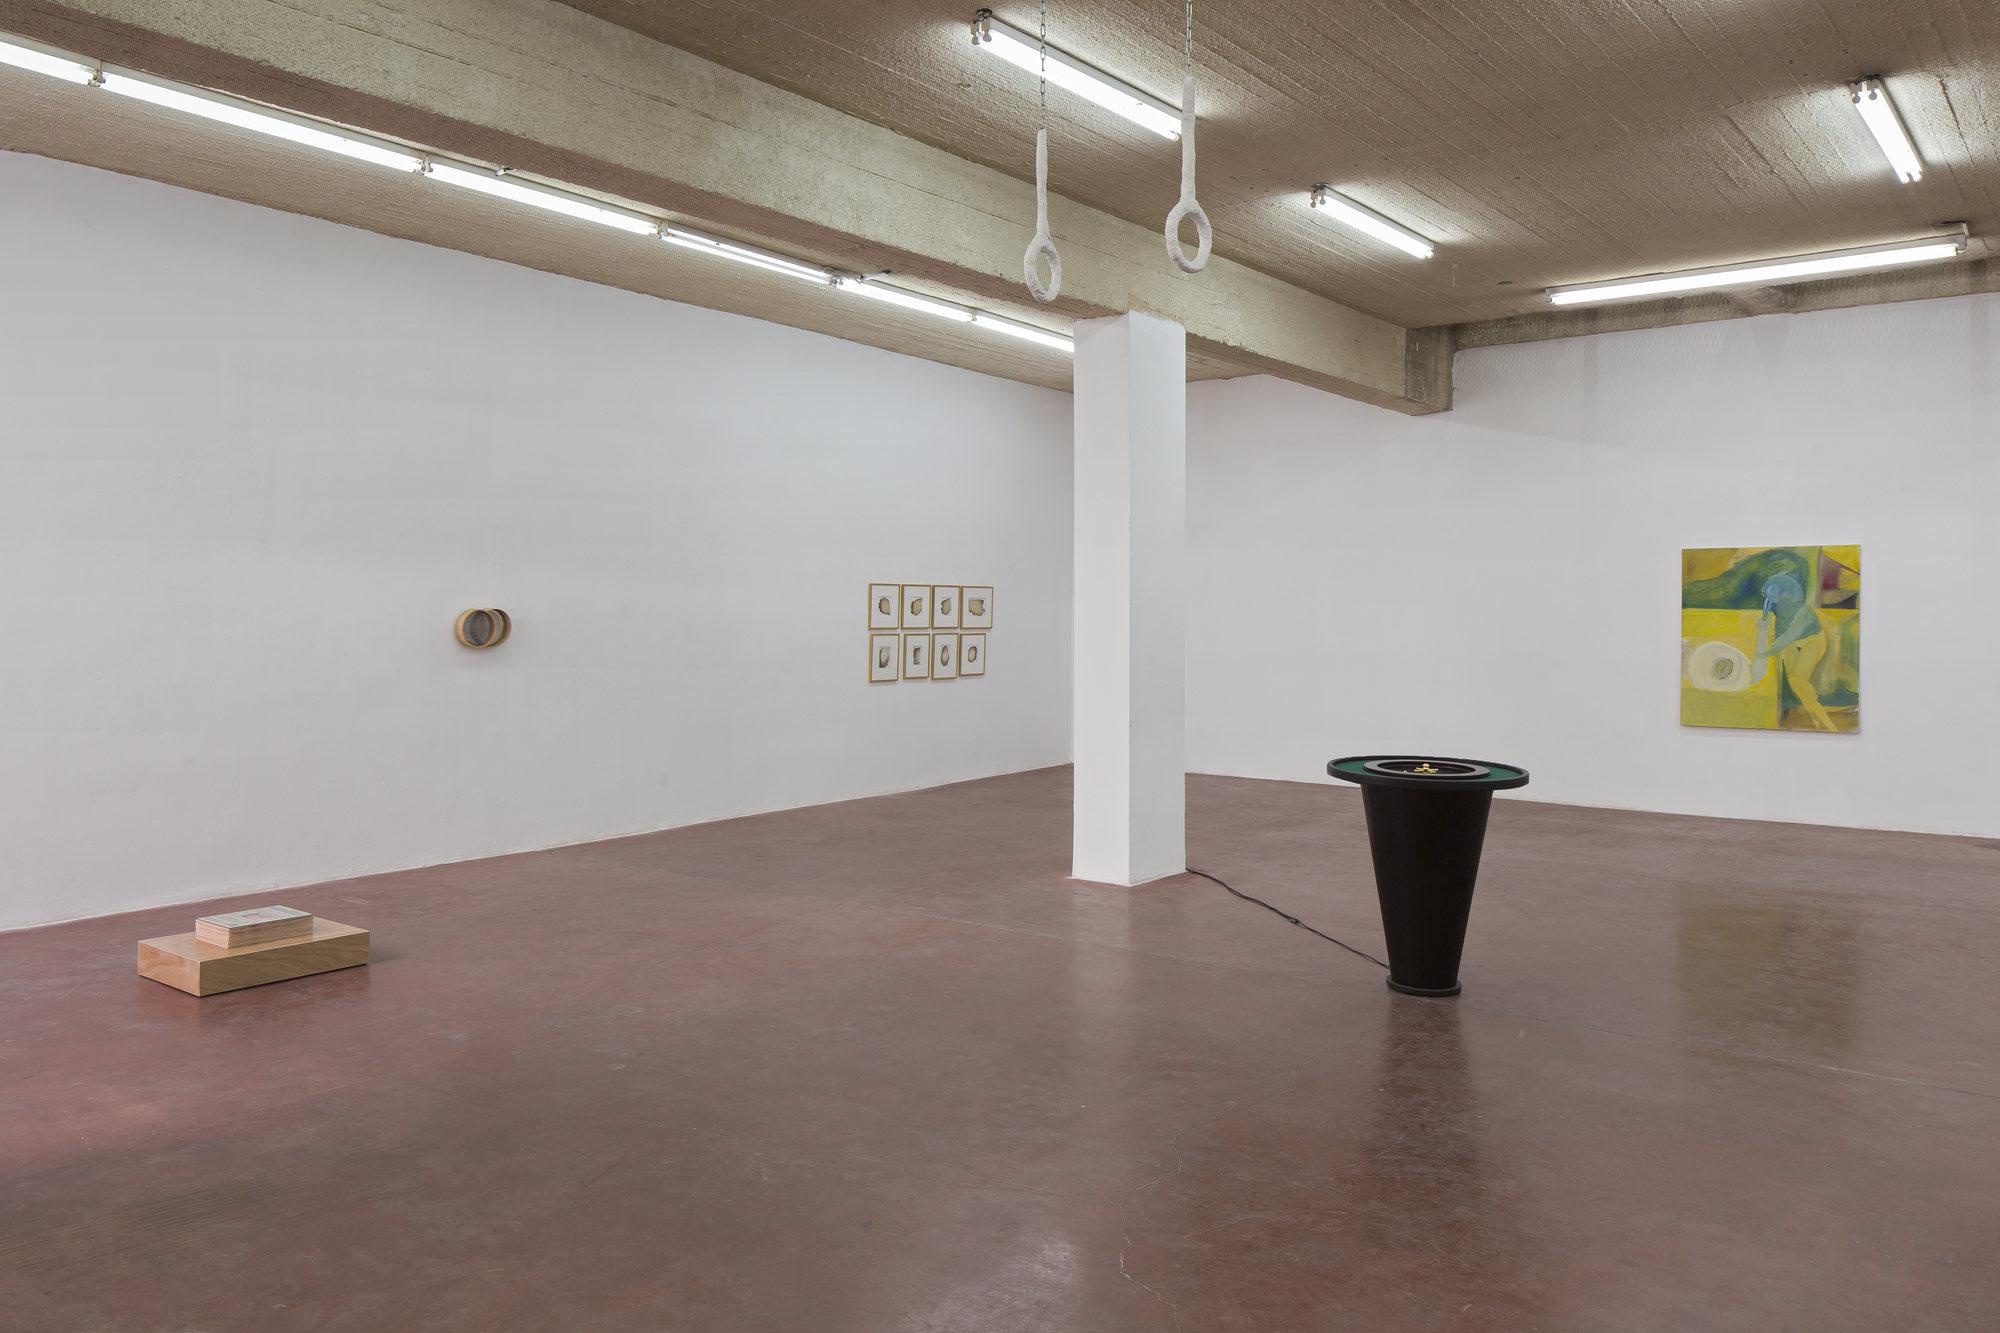 Shibboleth, 2015, Exhibition View, Floor -2 -2